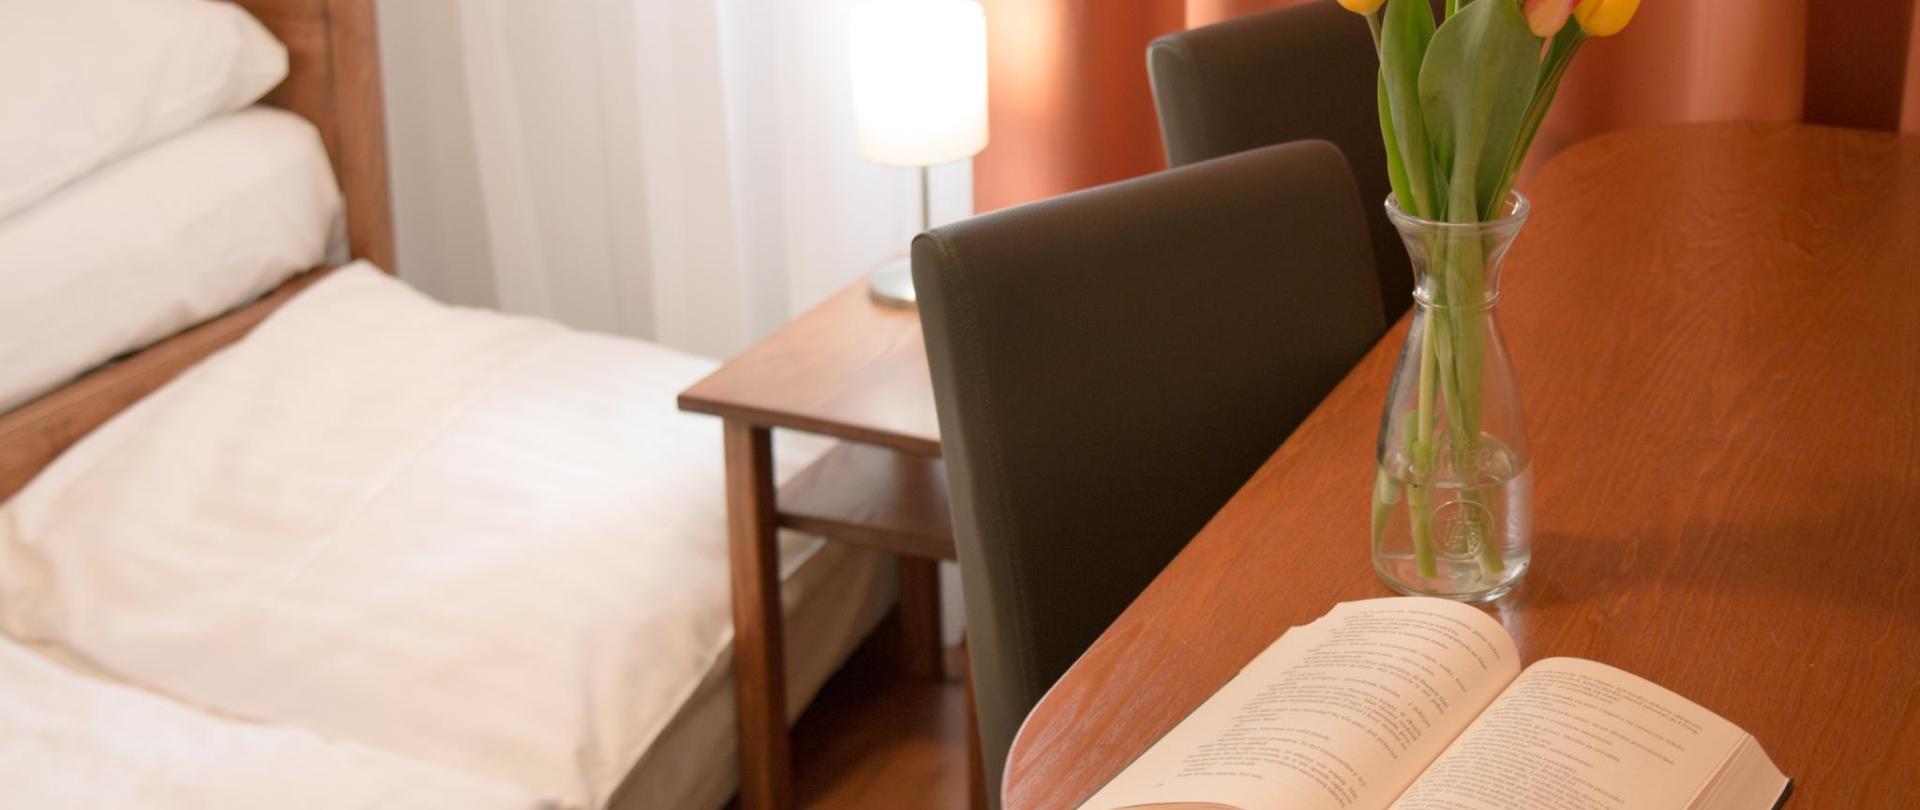 apartman pokoj nalevo detail postele stolek s knihou 0388.jpg